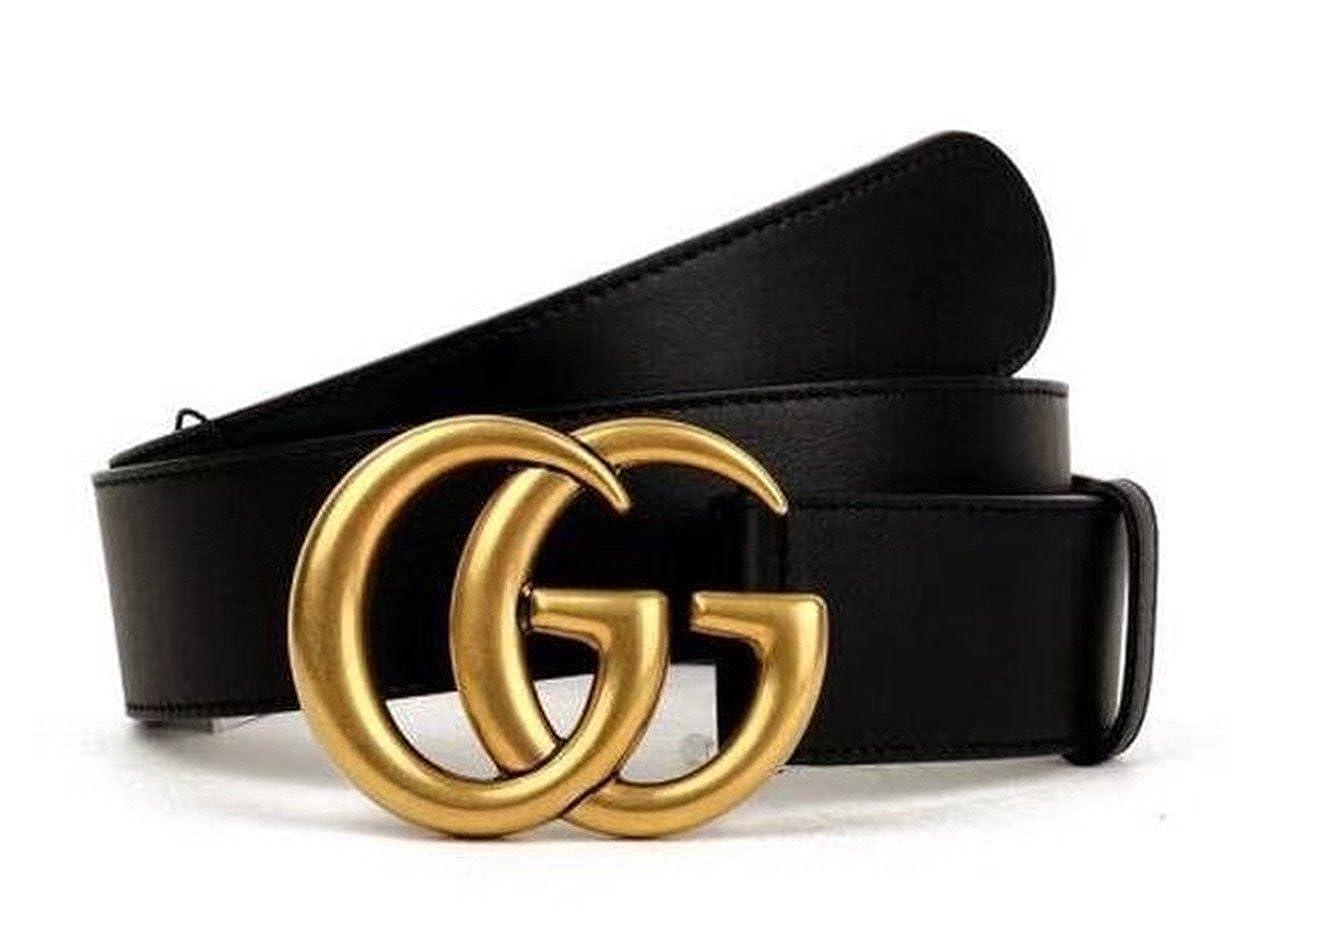 sito affidabile 55642 d8ac1 Gucci nuove cinture in pelle doppia moda G per uomo e donna ...